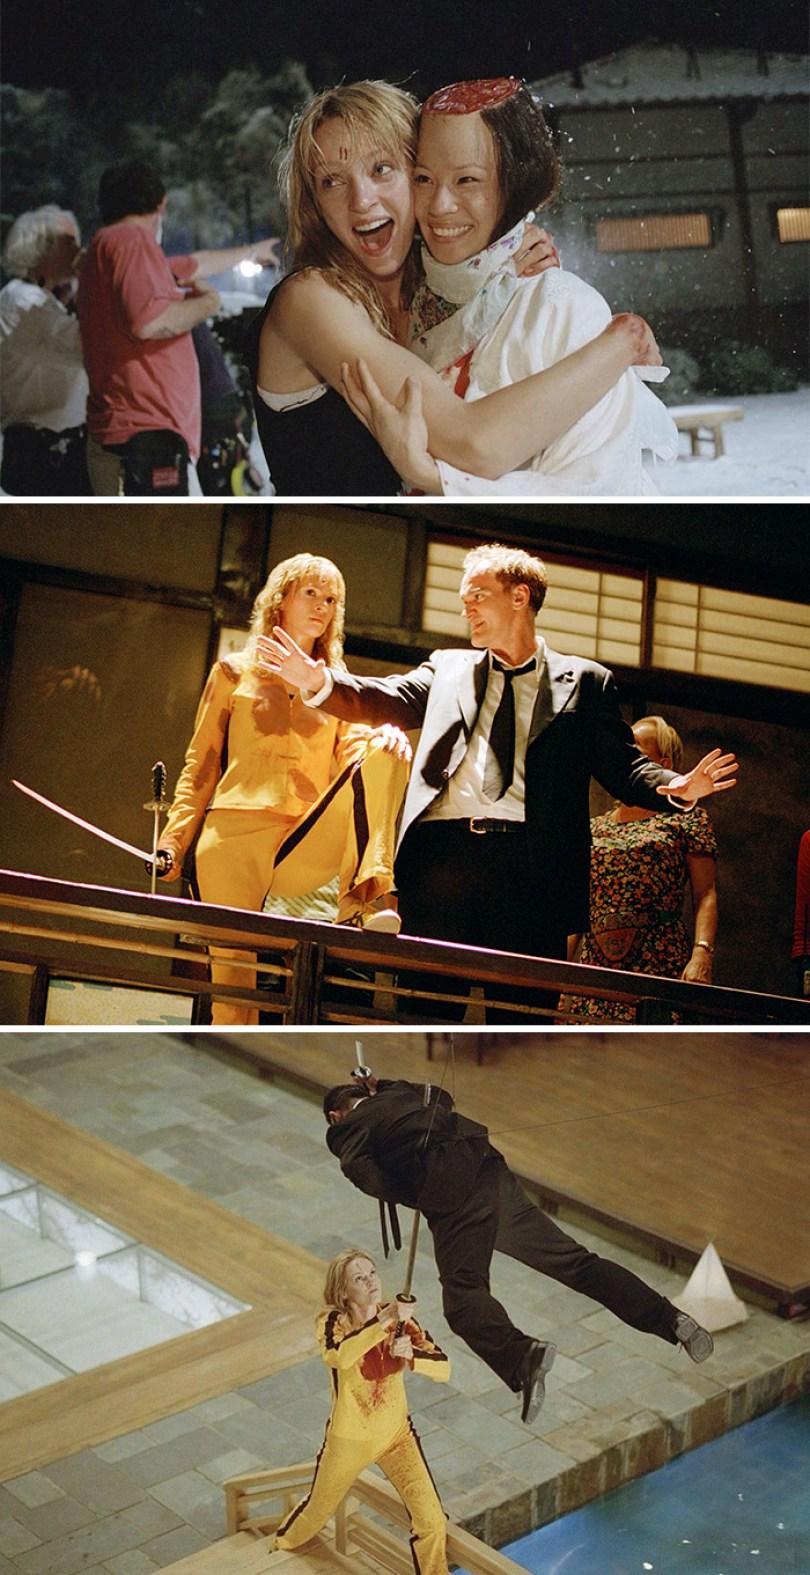 movies behind the scenes 1 5d555068899c5  700 - Por trás das cenas: Foto dos bastidores de filmes que marcaram época